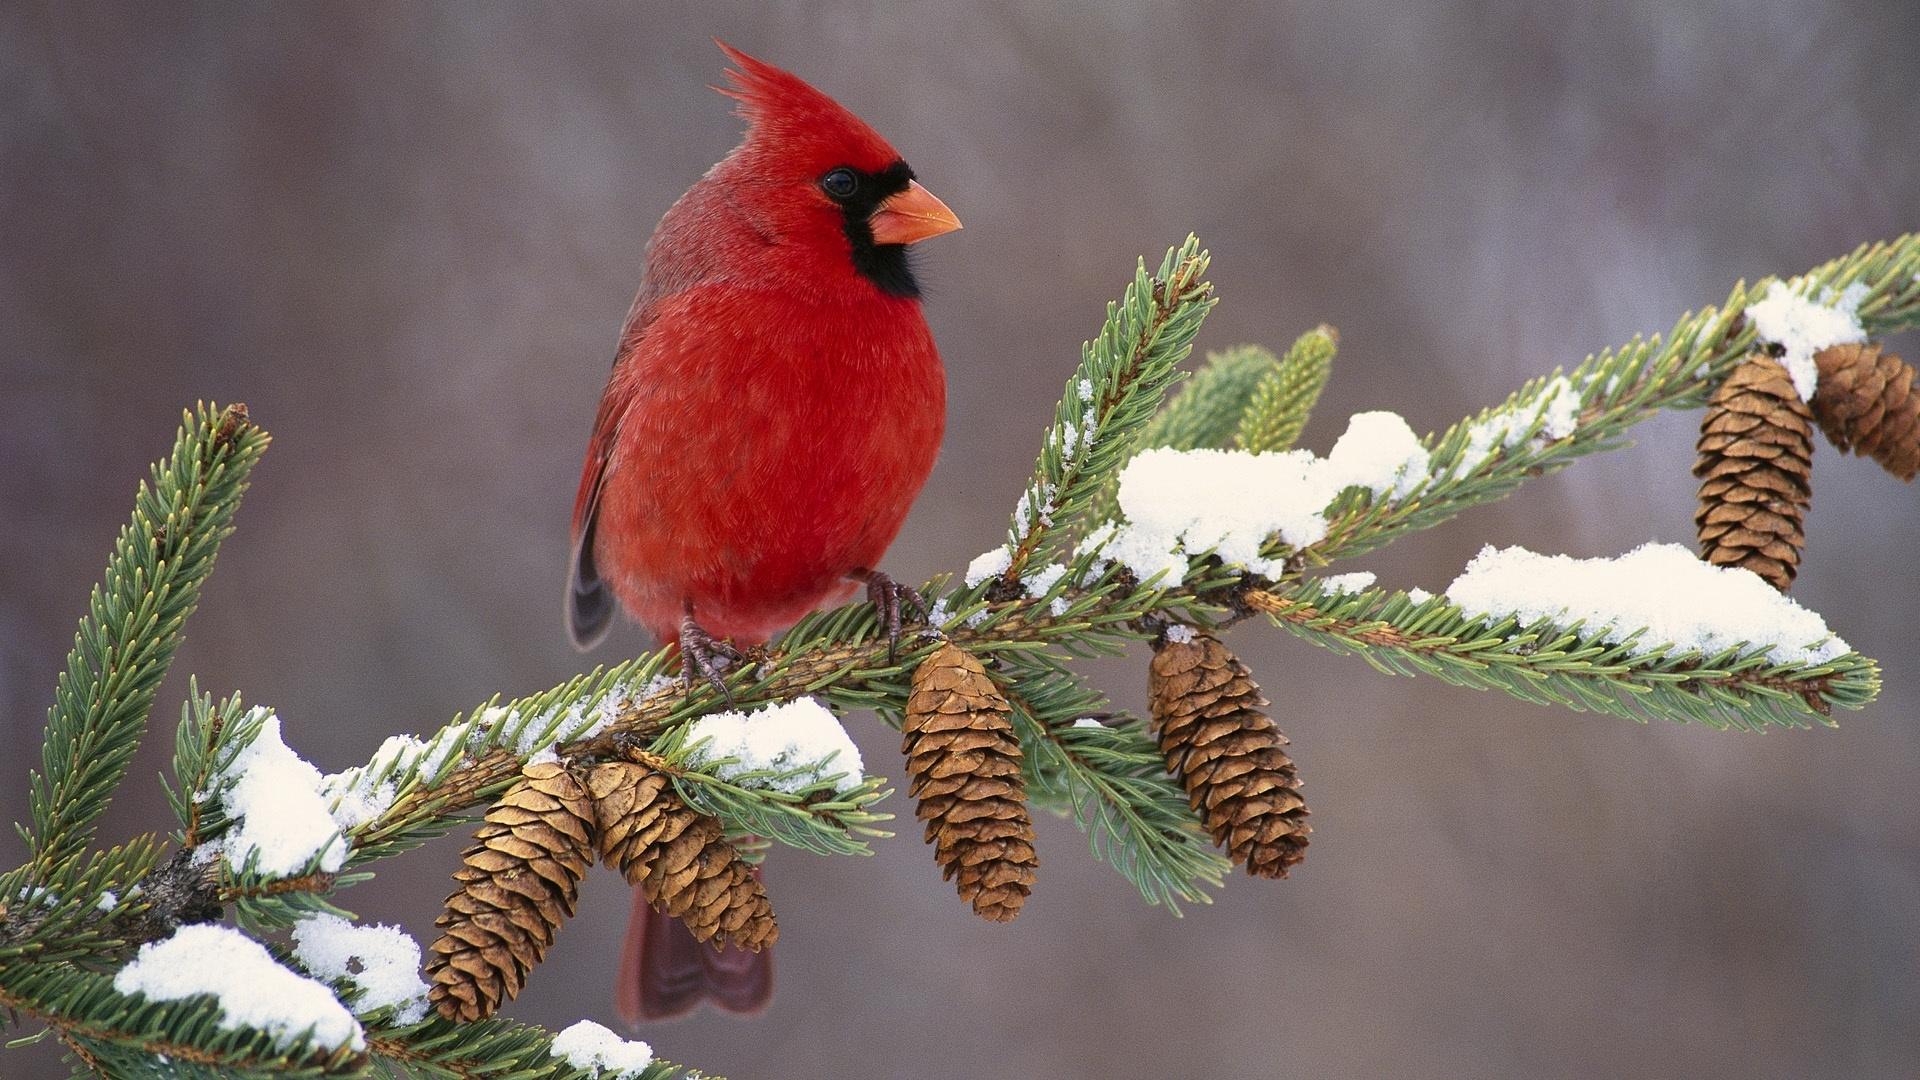 cardinal in snow - wallpaper. | fly flutter hop swim | pinterest